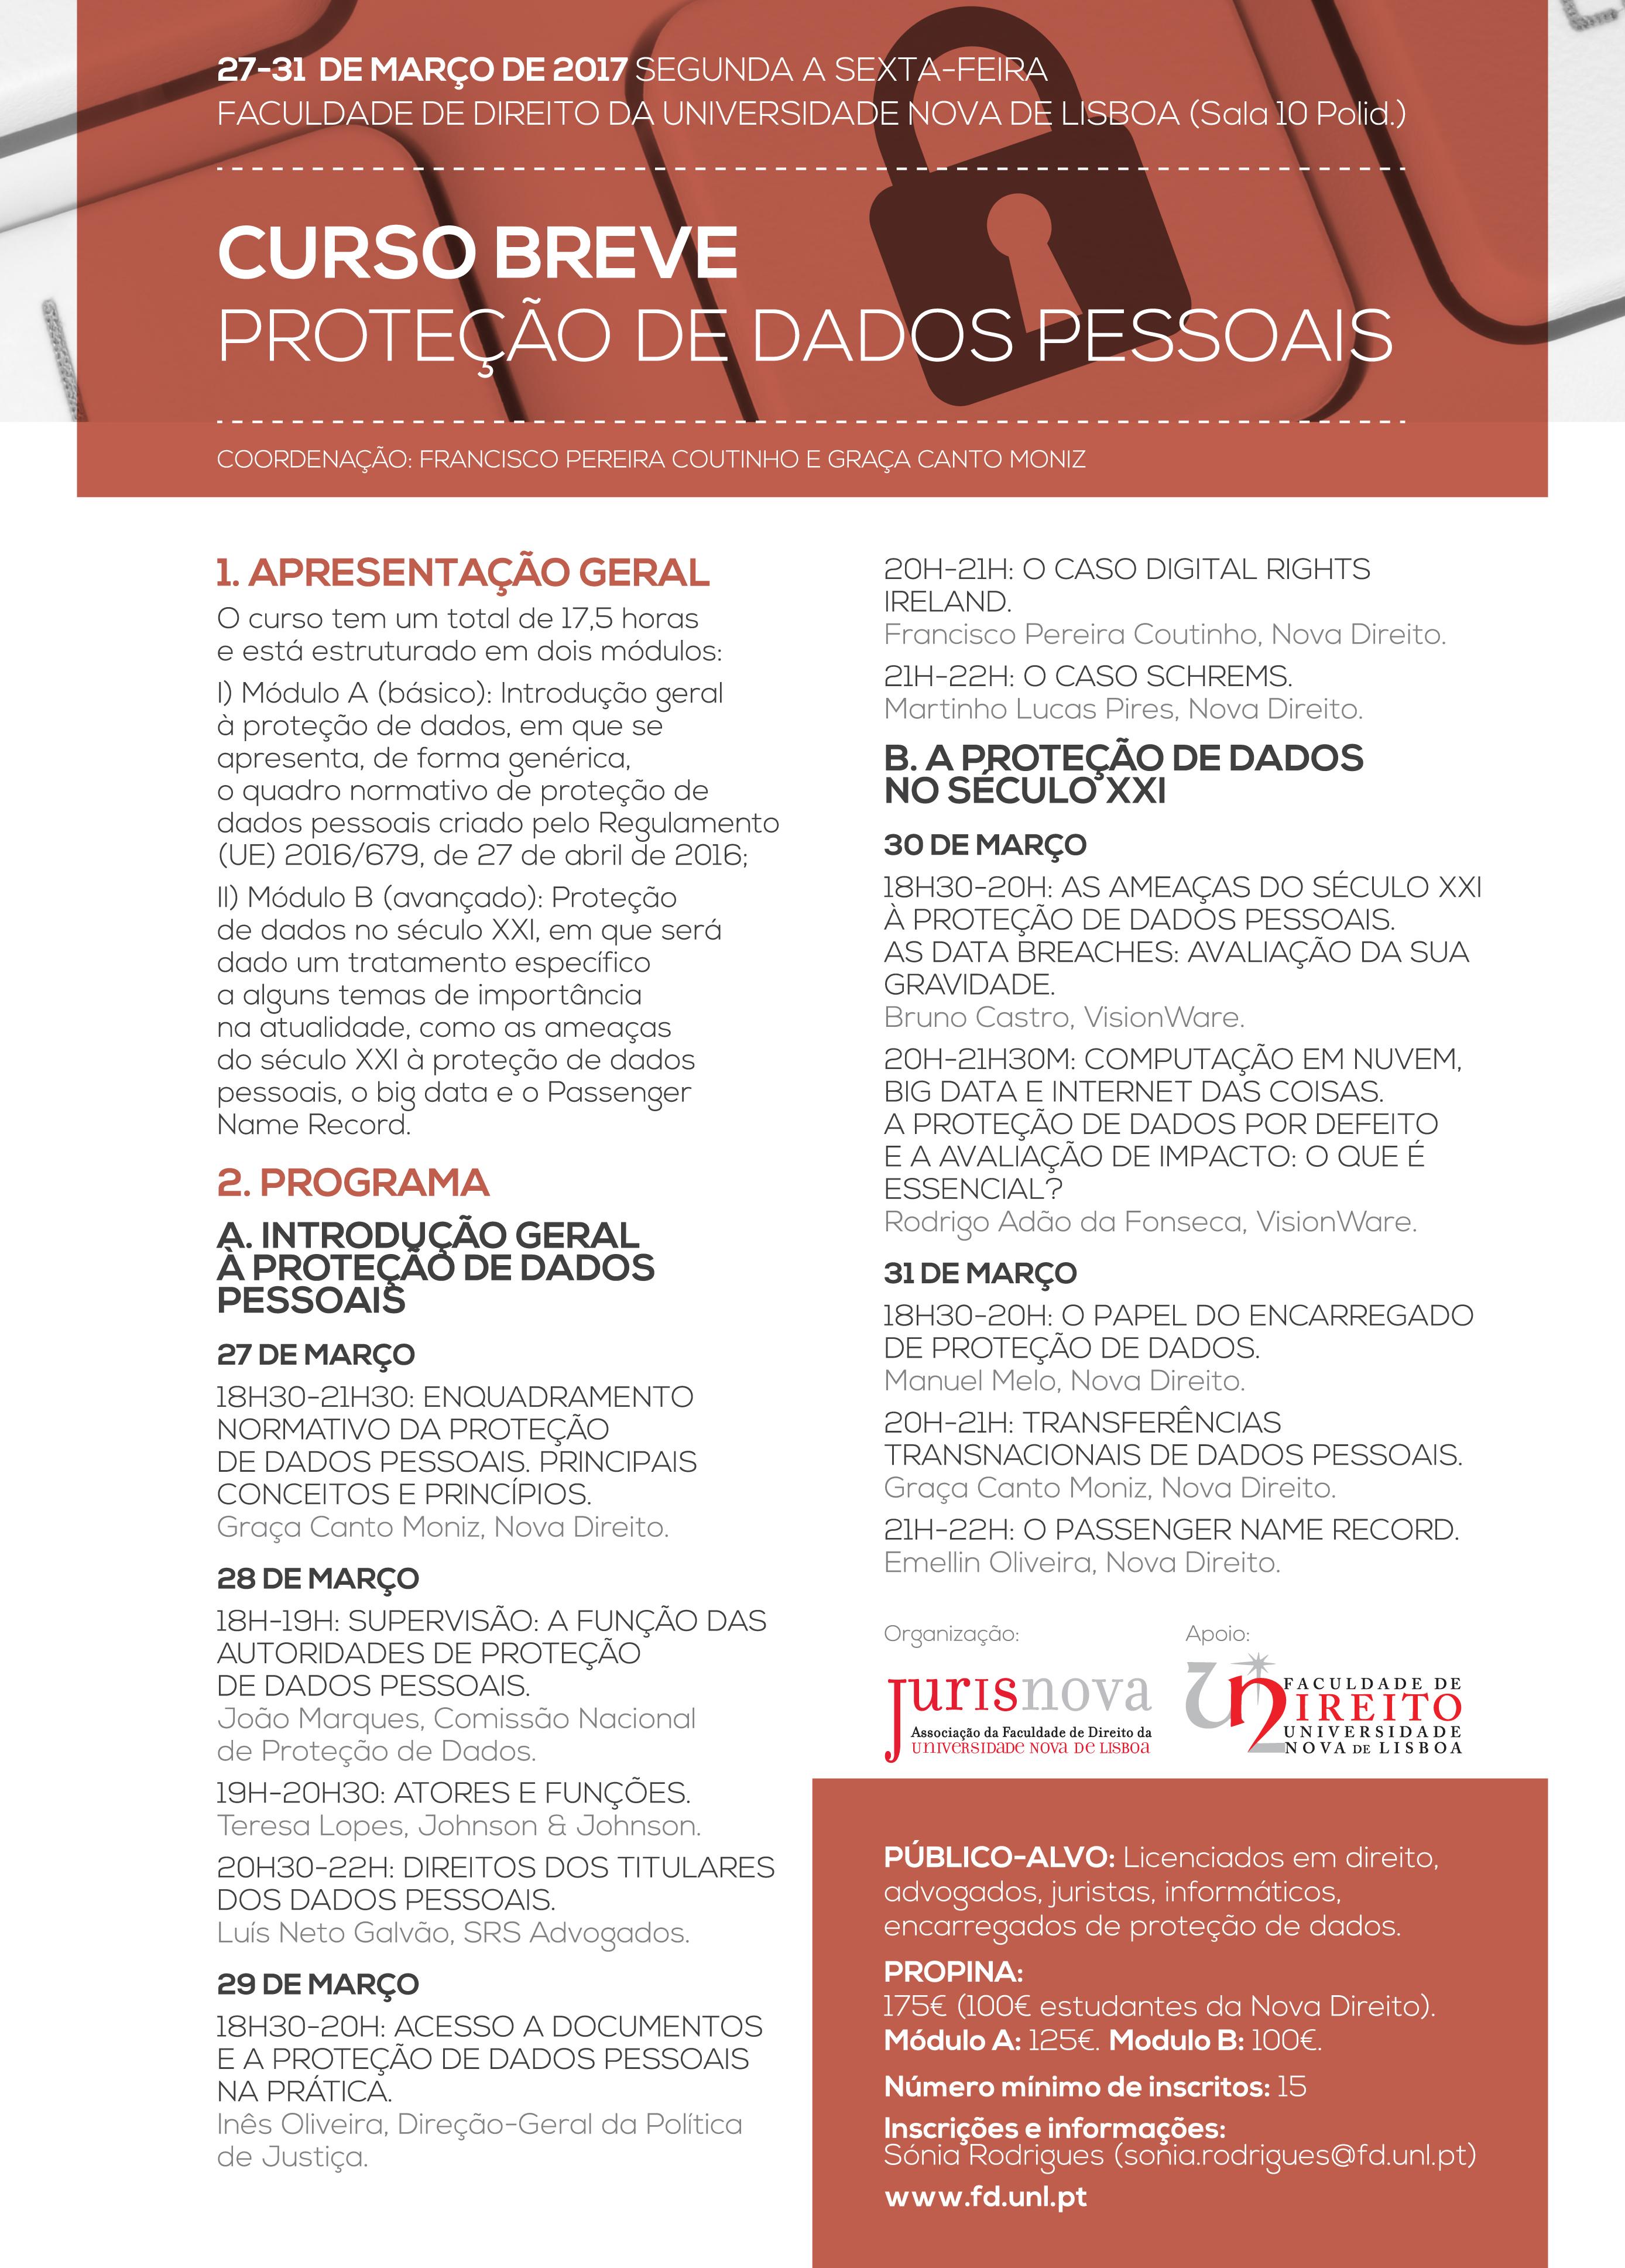 Curso Breve Protecção de Dados - FDUNL / Jurisnova